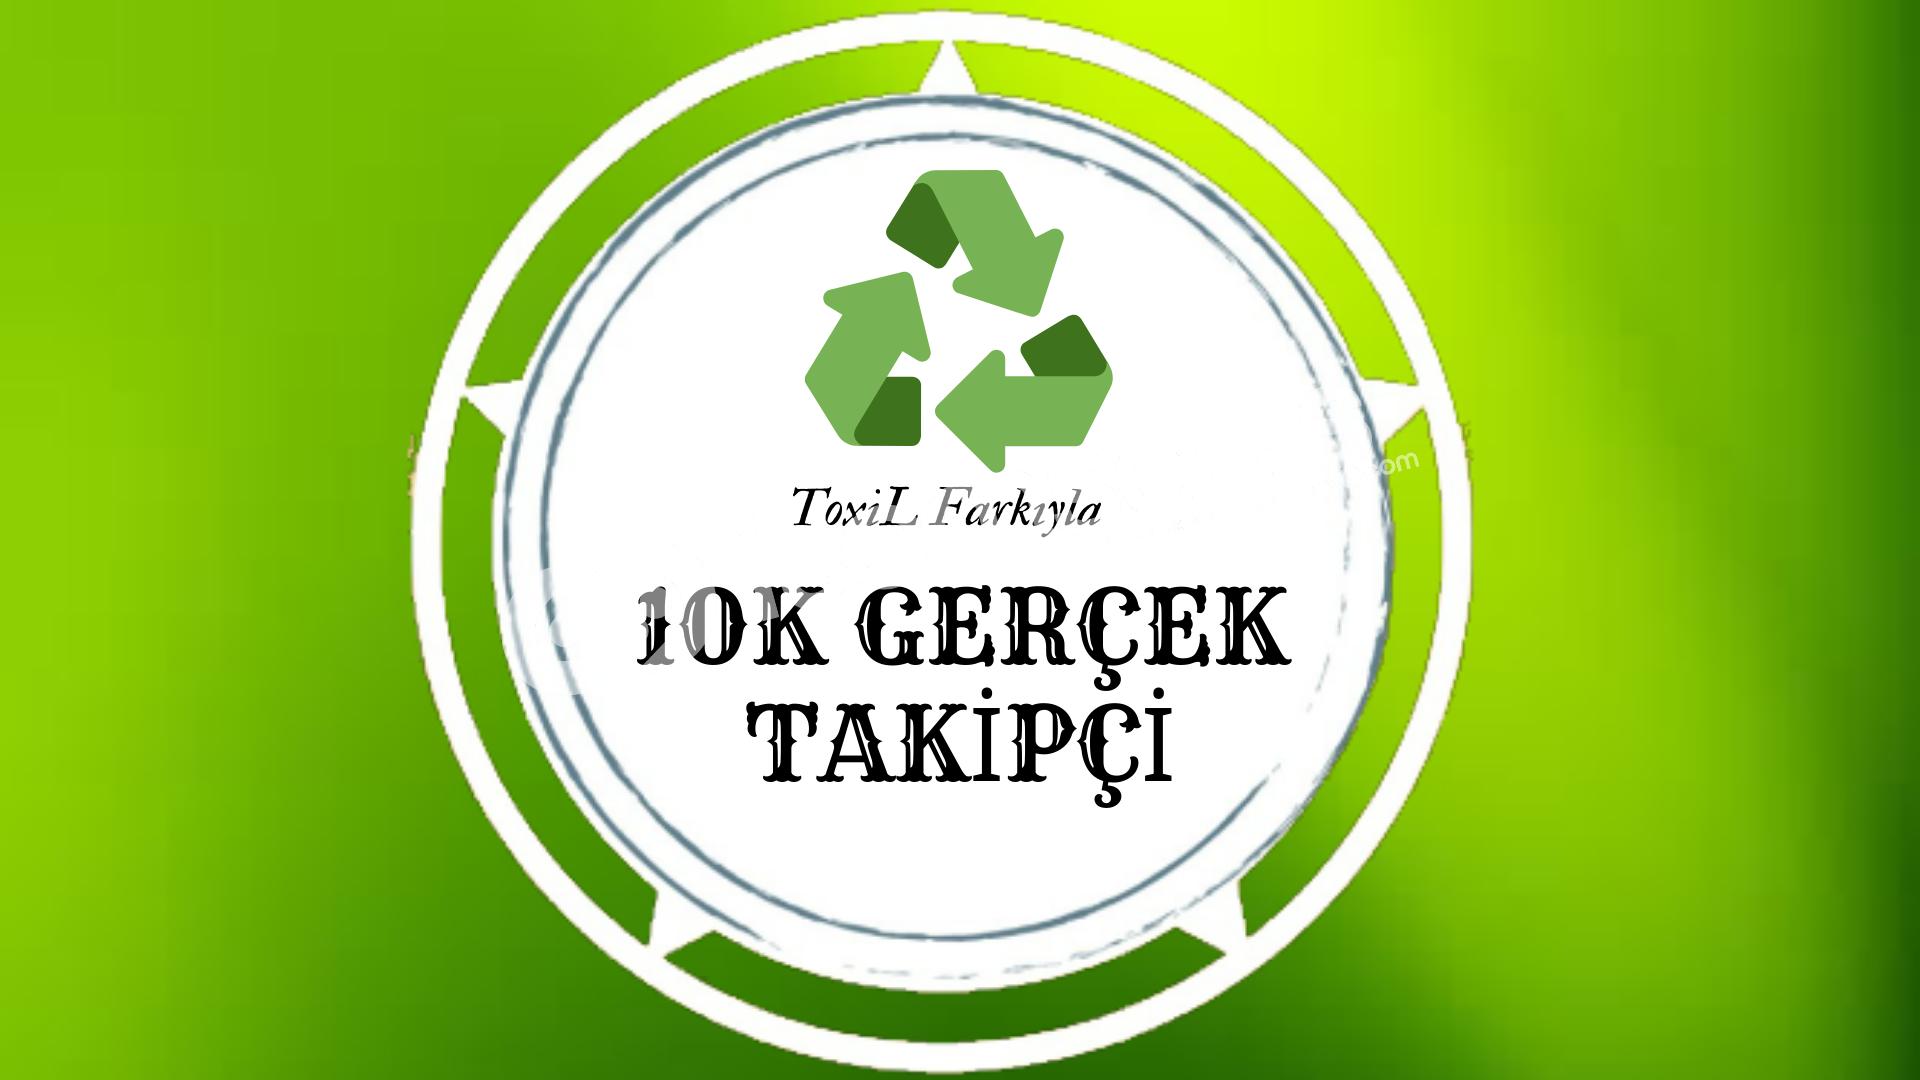 10.000 İnstagram [30 Gün Telafi] Takipçi Paketi